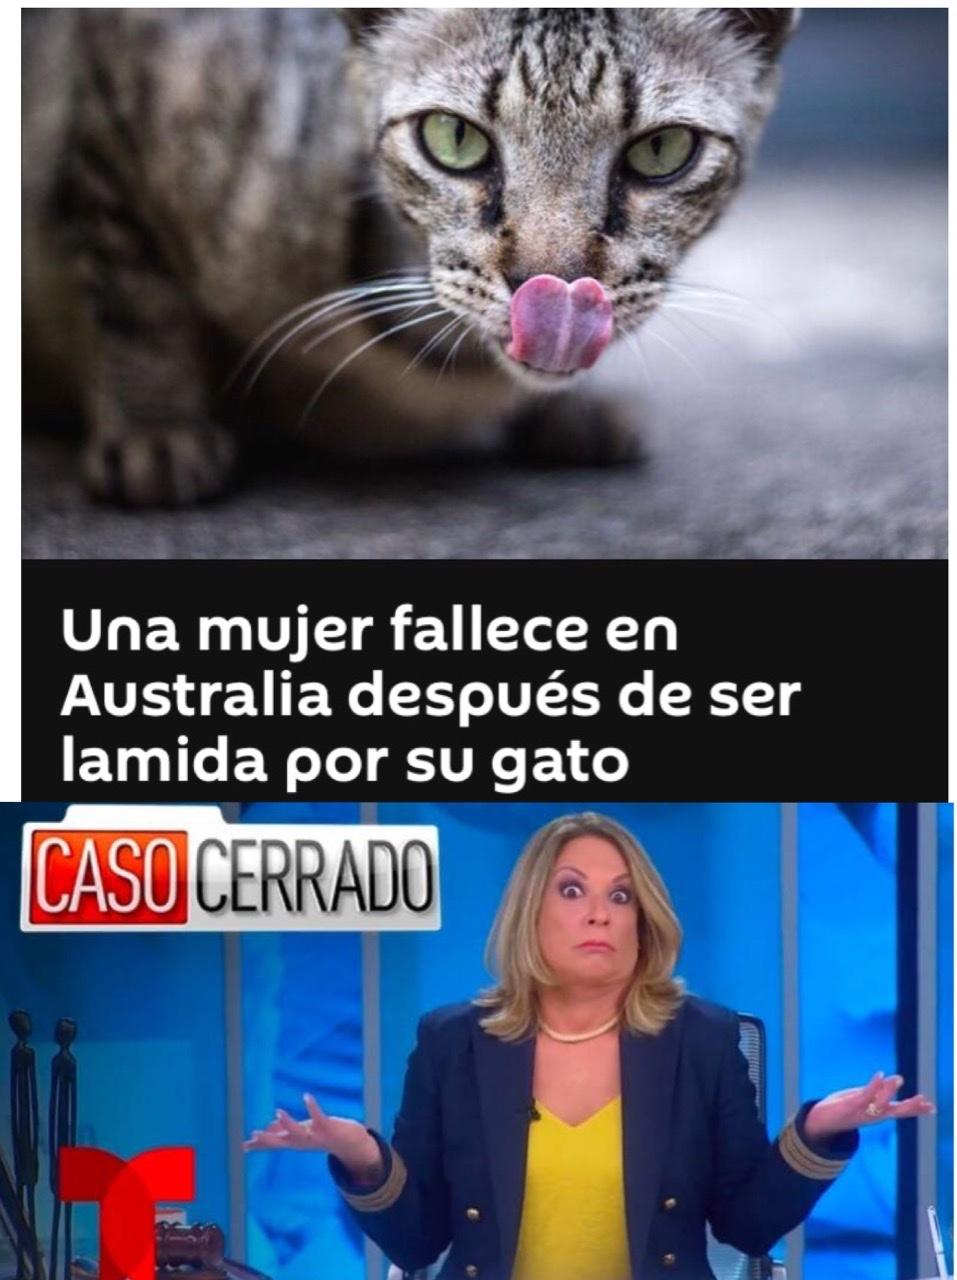 Lindo gatito - meme